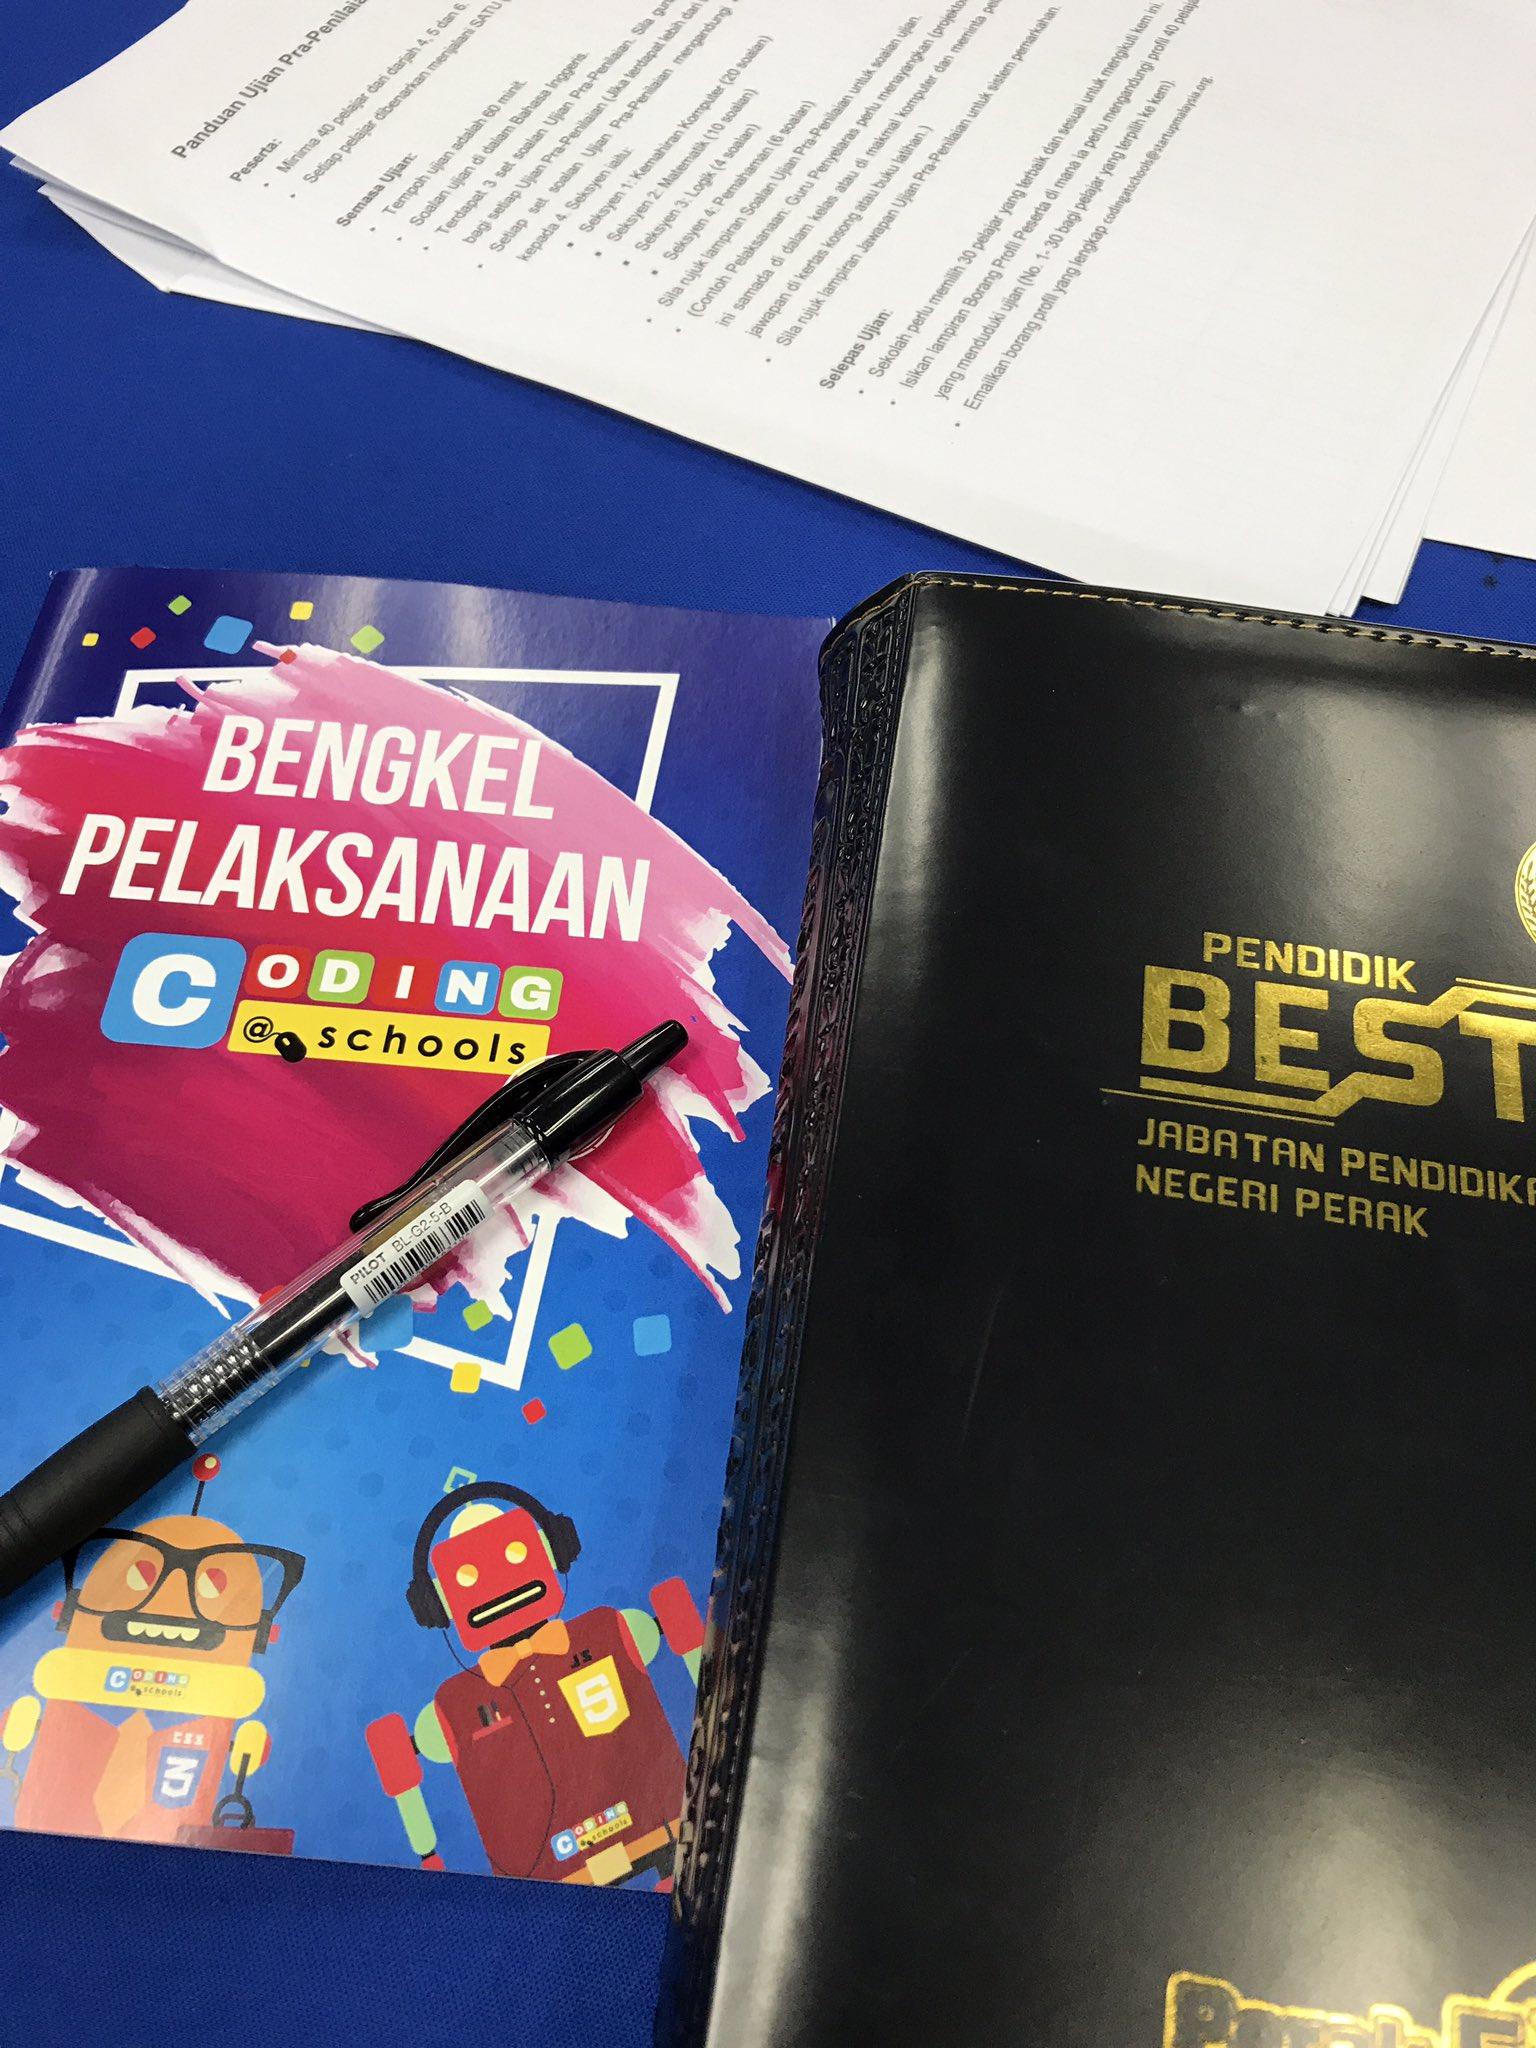 Pirol On Twitter Pejabat Pendidikan Daerah Seberang Perai Utara Jalan Dua 13100 Kepala Batas Pulau Pinang Malaysia 60 4 575 7285 Https T Co 0vuicysf7n Https T Co 2fwh9ppasz